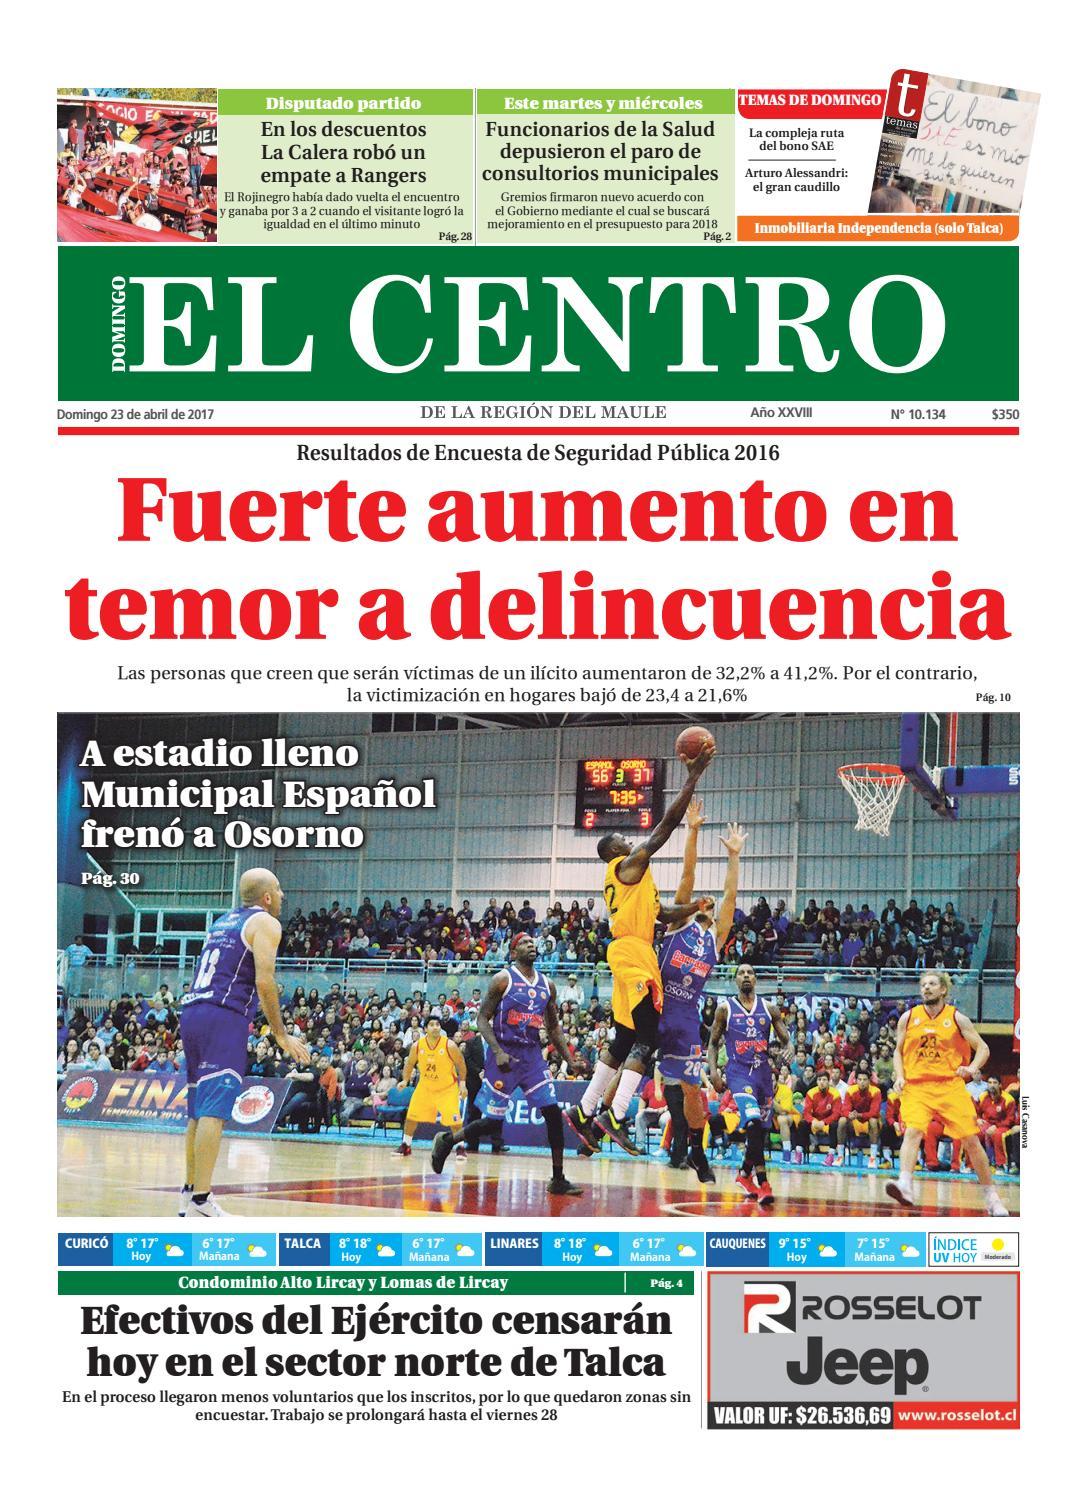 Diario 23-04-2017 by Diario El Centro S.A - issuu